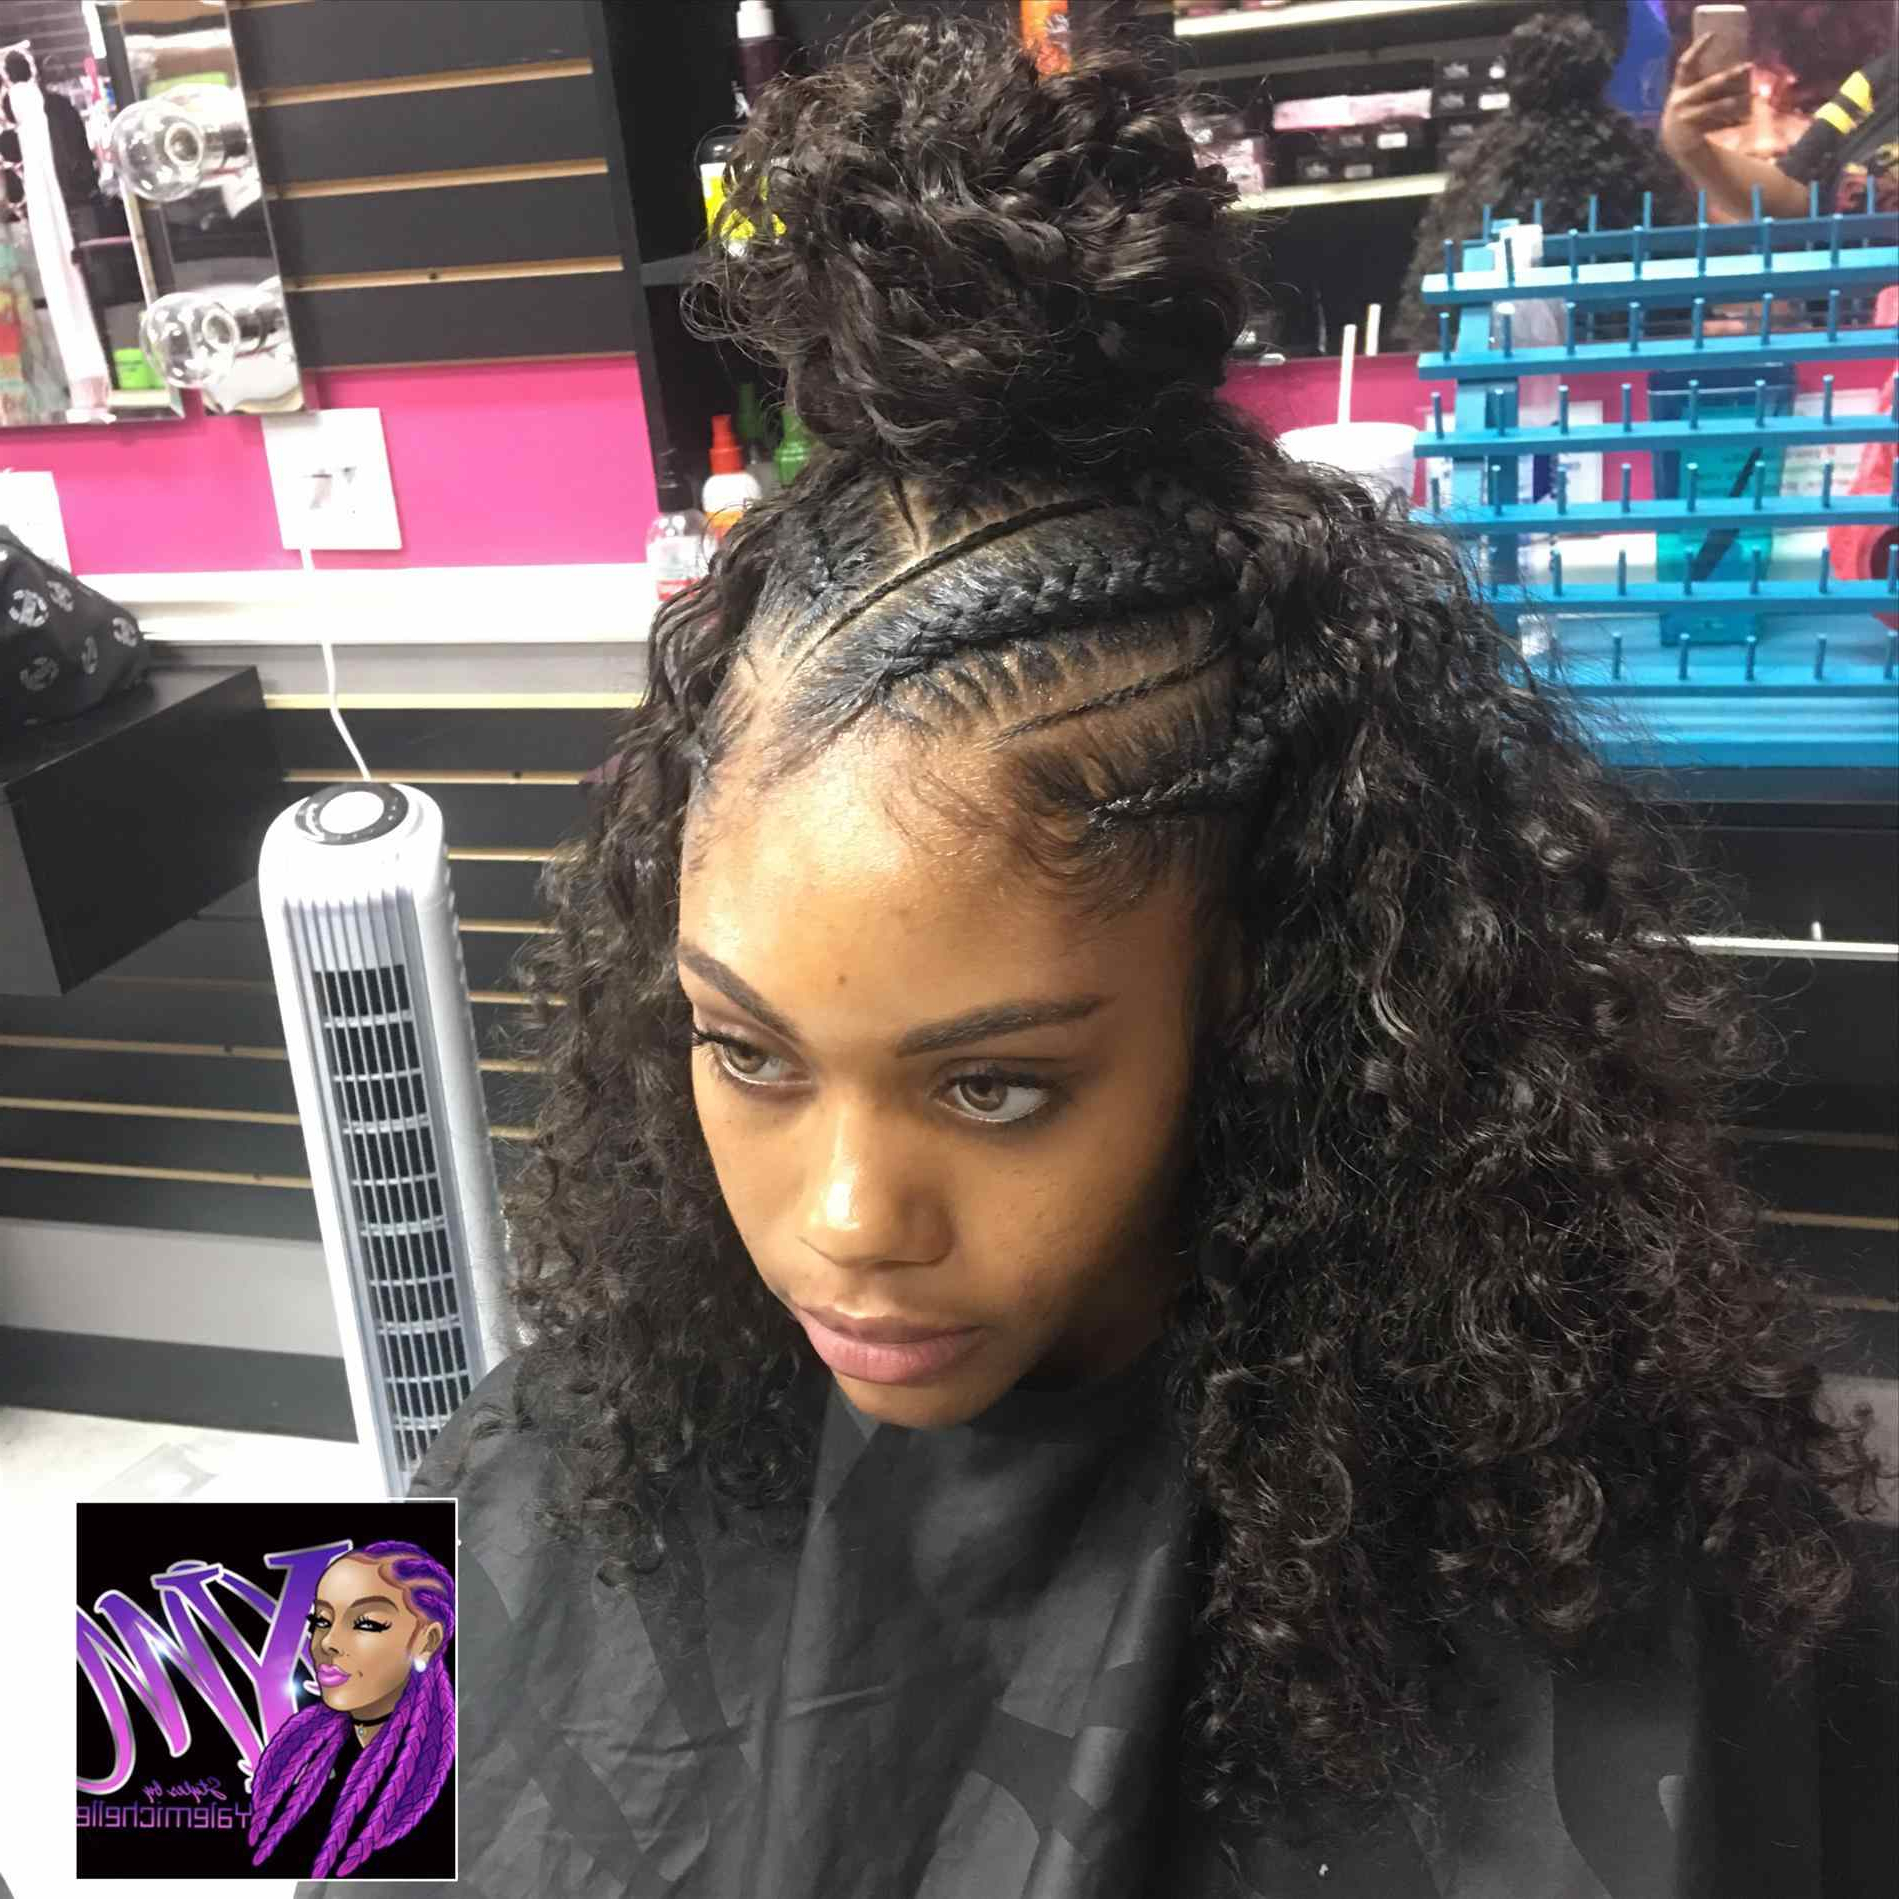 Black Teenage Girls Women Foðº U Man Hairstyle Back To School Weave Inside Cute Short Hairstyles For Black Teenage Girls (View 9 of 25)